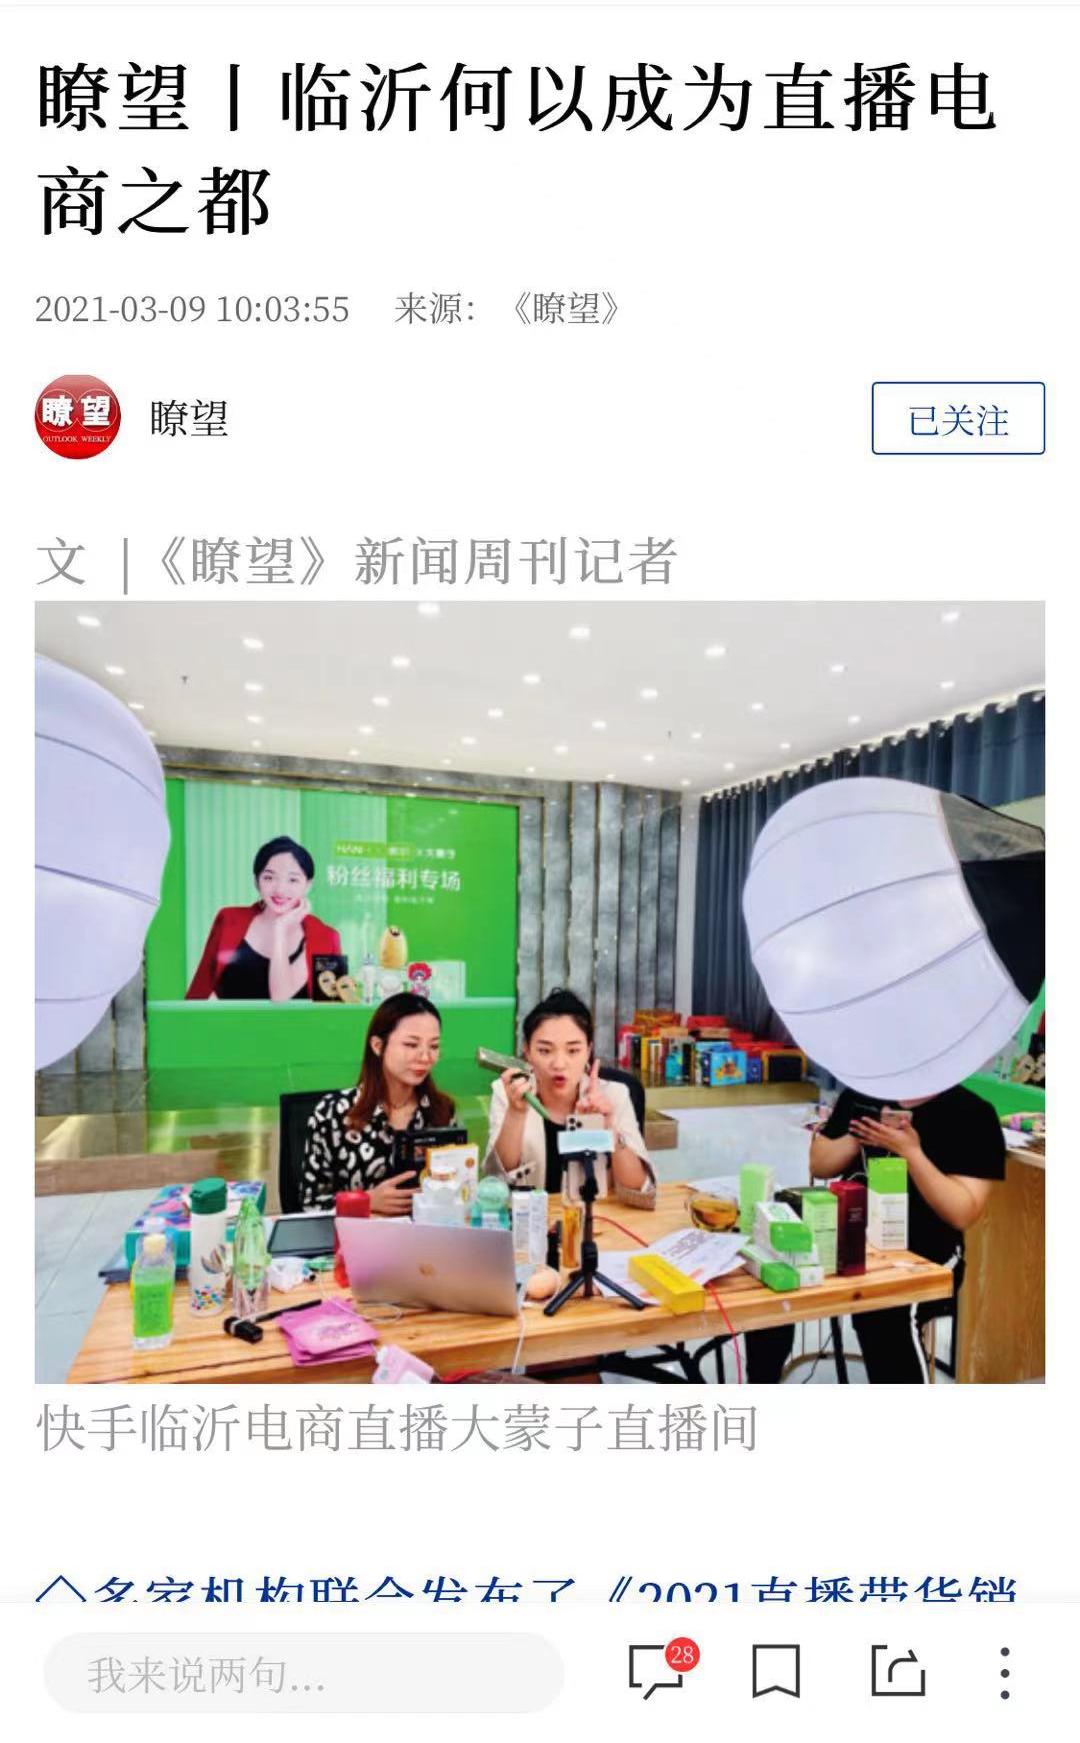 《瞭望》新闻周刊关注兰山:何以成为直播电商之都